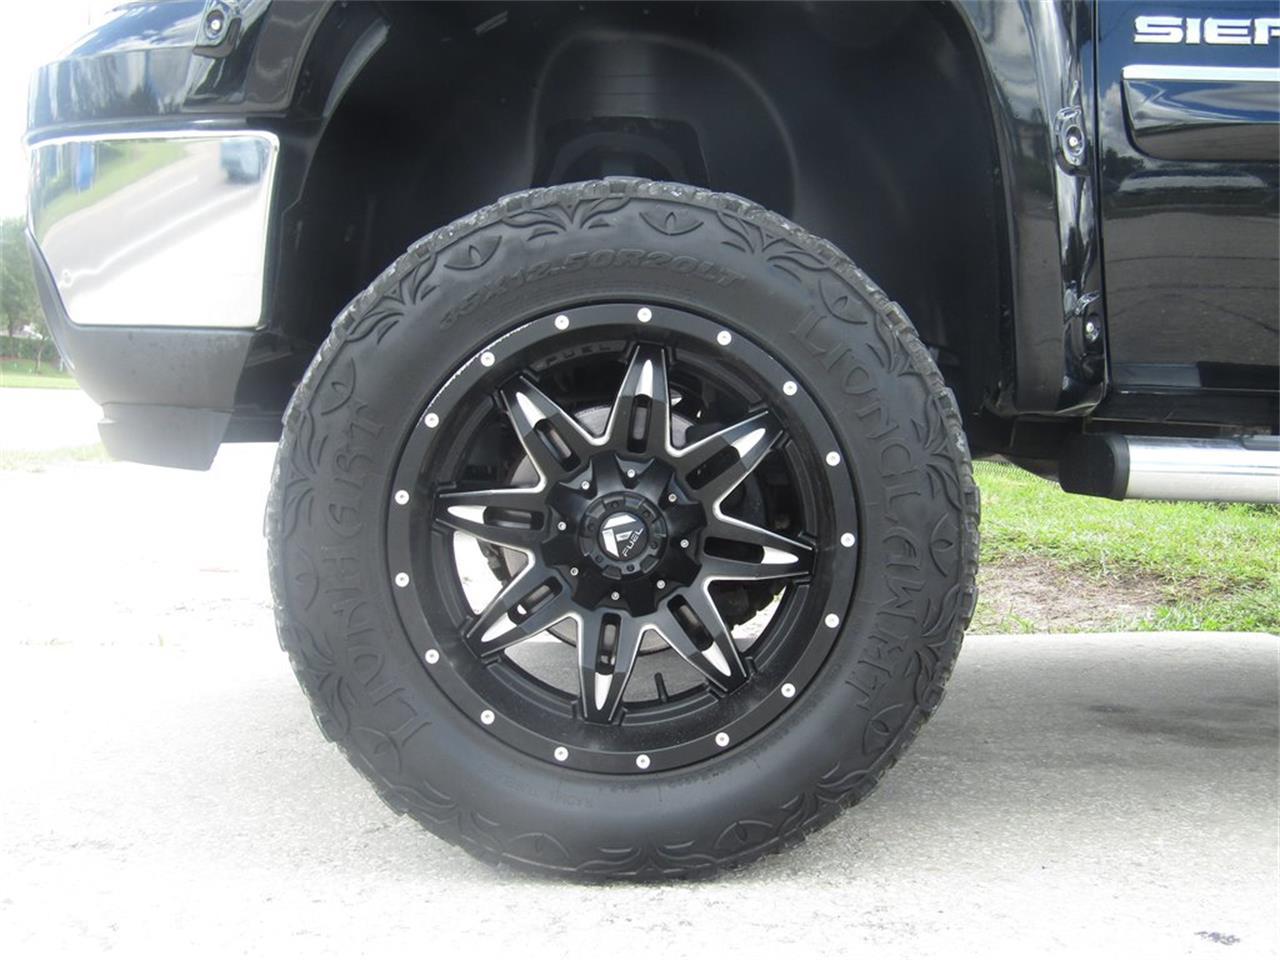 2010 GMC Sierra 1500 (CC-1249537) for sale in Orlando, Florida